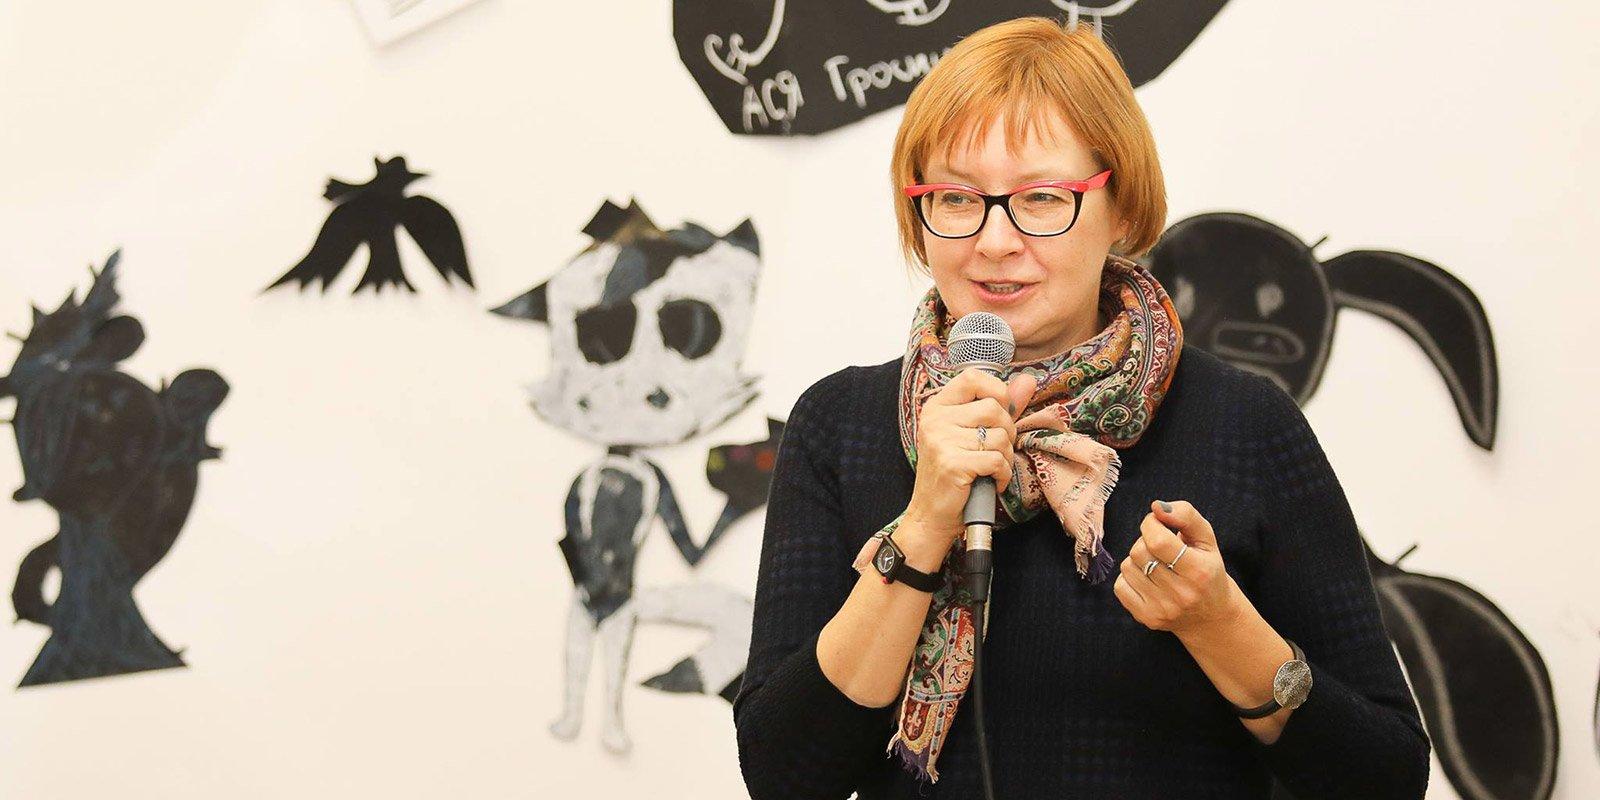 Ольга Мяэотс, заведующая отделом детской книги и детских программ библиотеки иностранной литературы